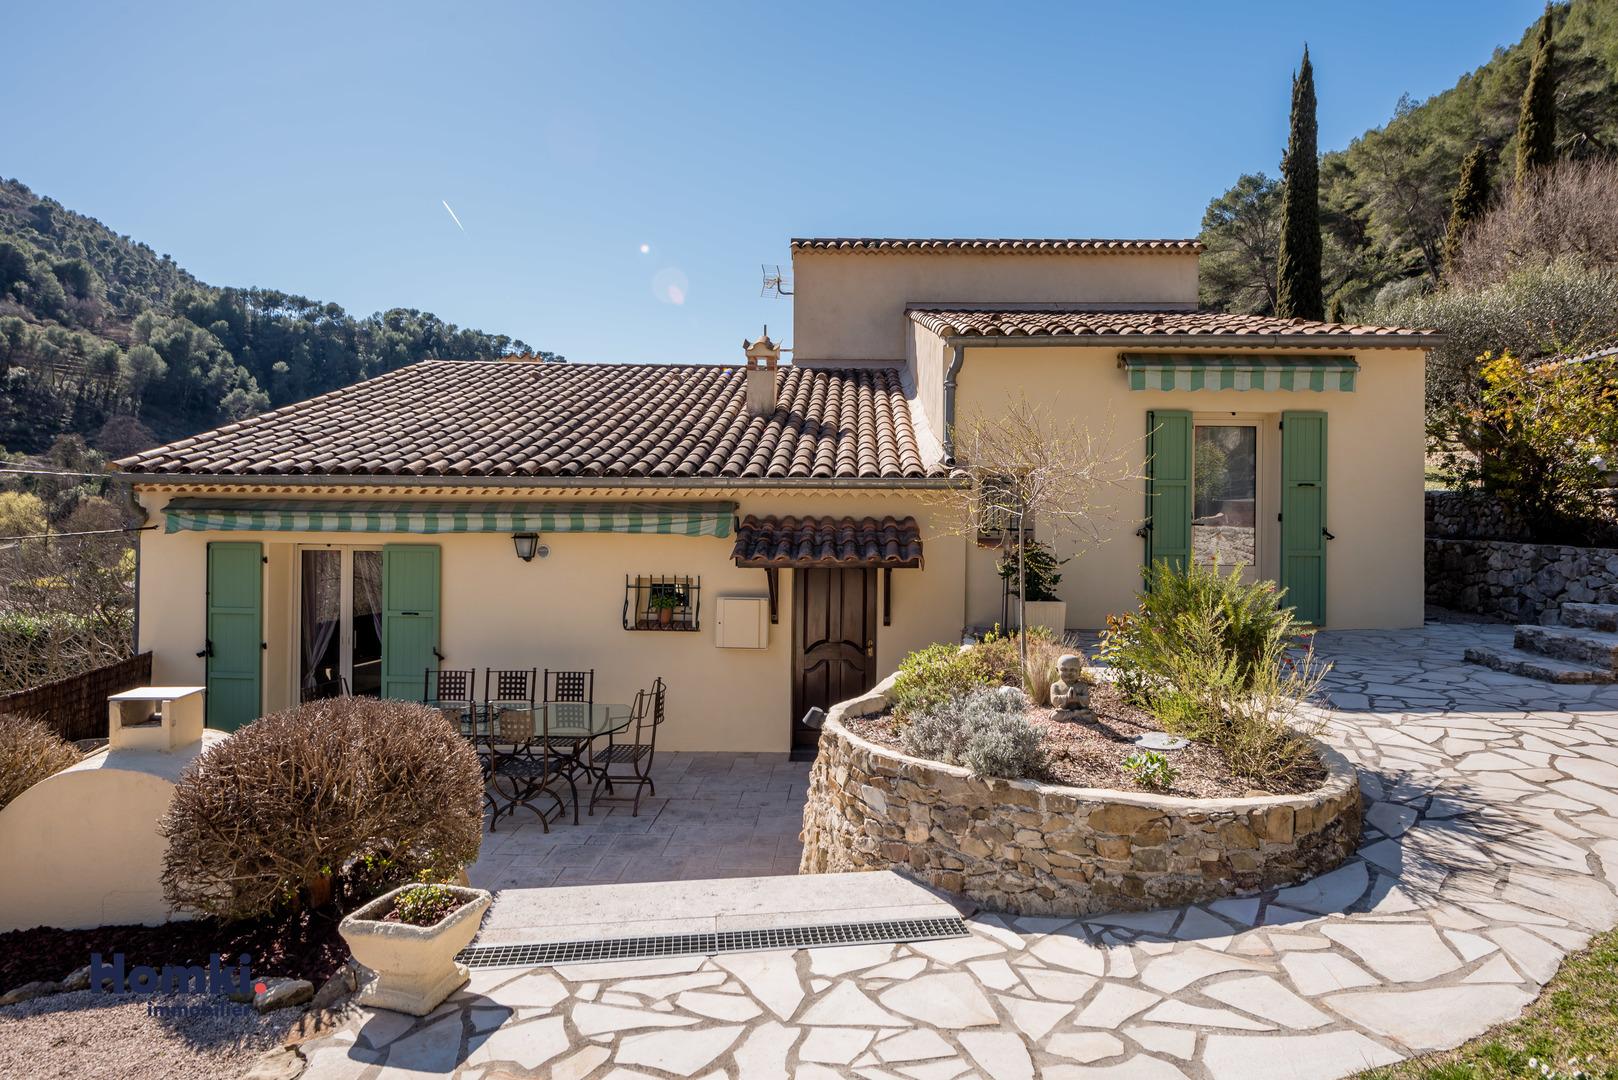 Vente Maison 160 m² T5 06440_14